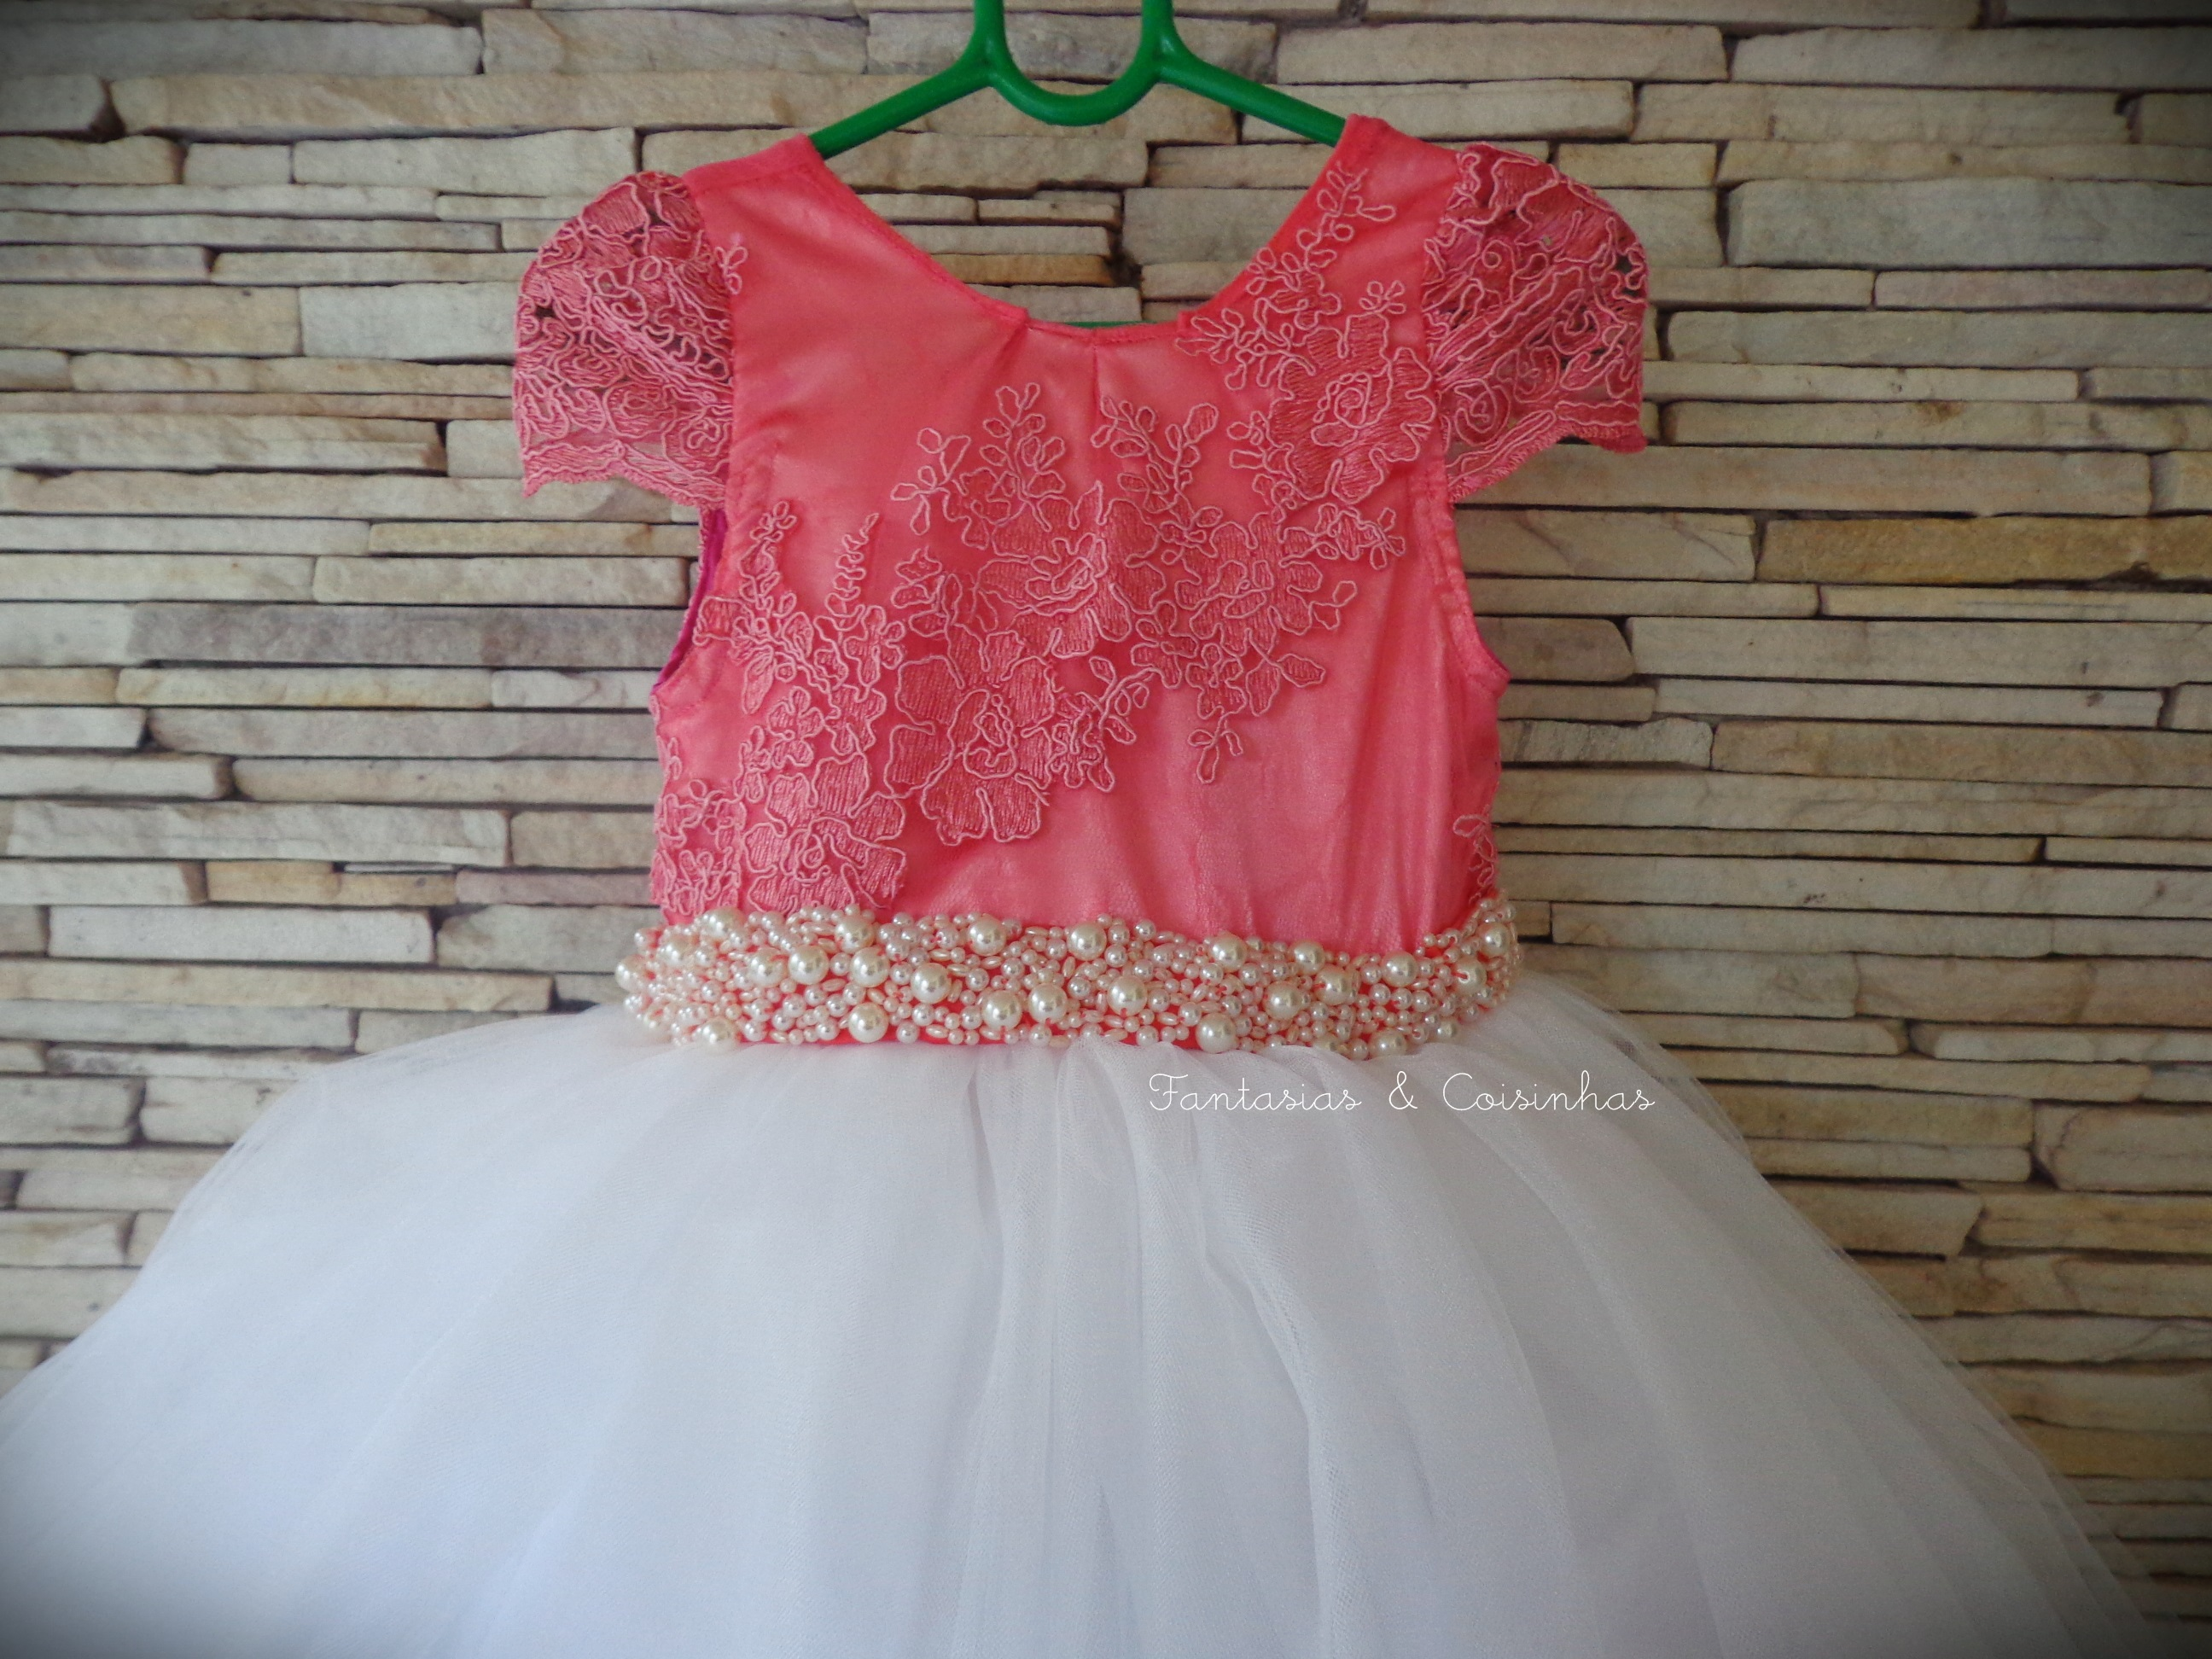 Vistoso Vestidos De Dama De Coral Larga Componente - Colección de ...